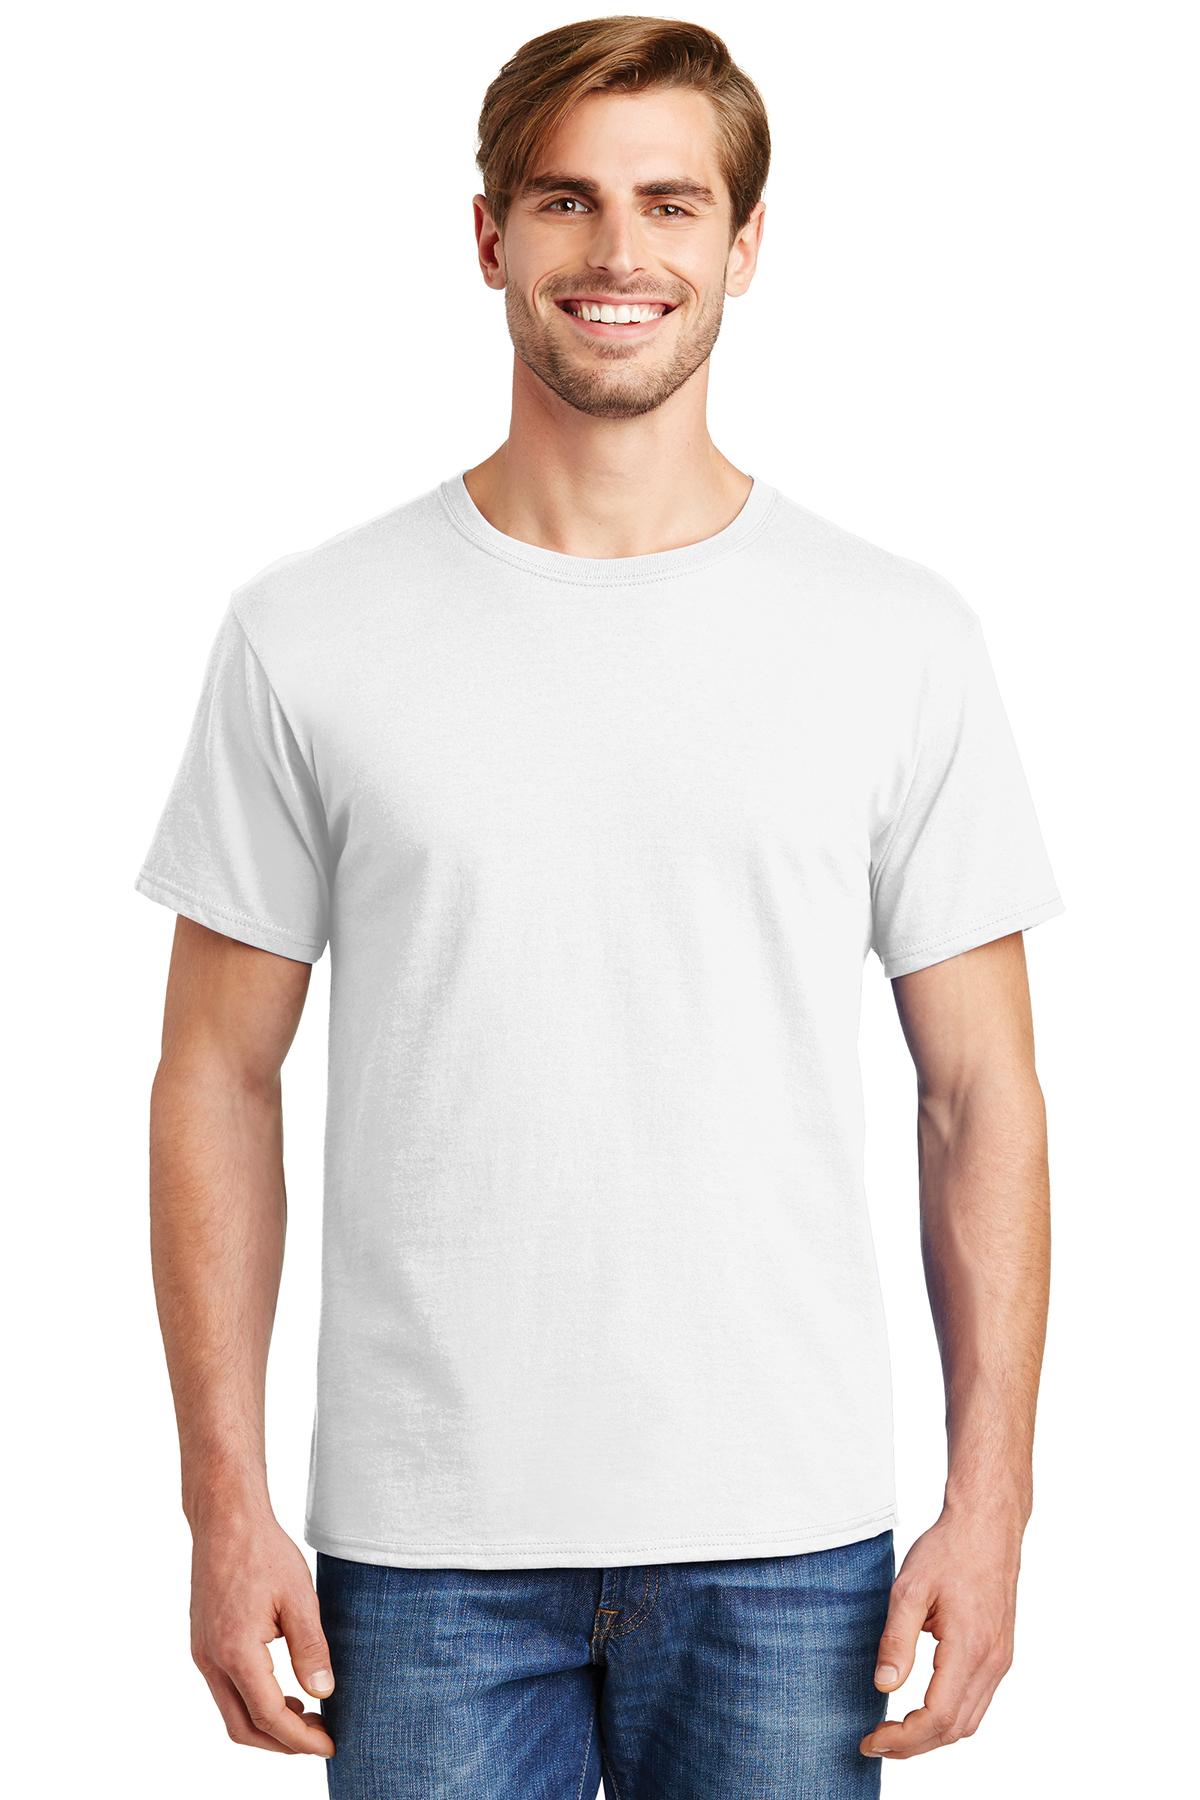 08c1d2fe4d33 Hanes® - ComfortSoft® 100% Cotton T-Shirt | 5-5.6 100% Cotton | T ...